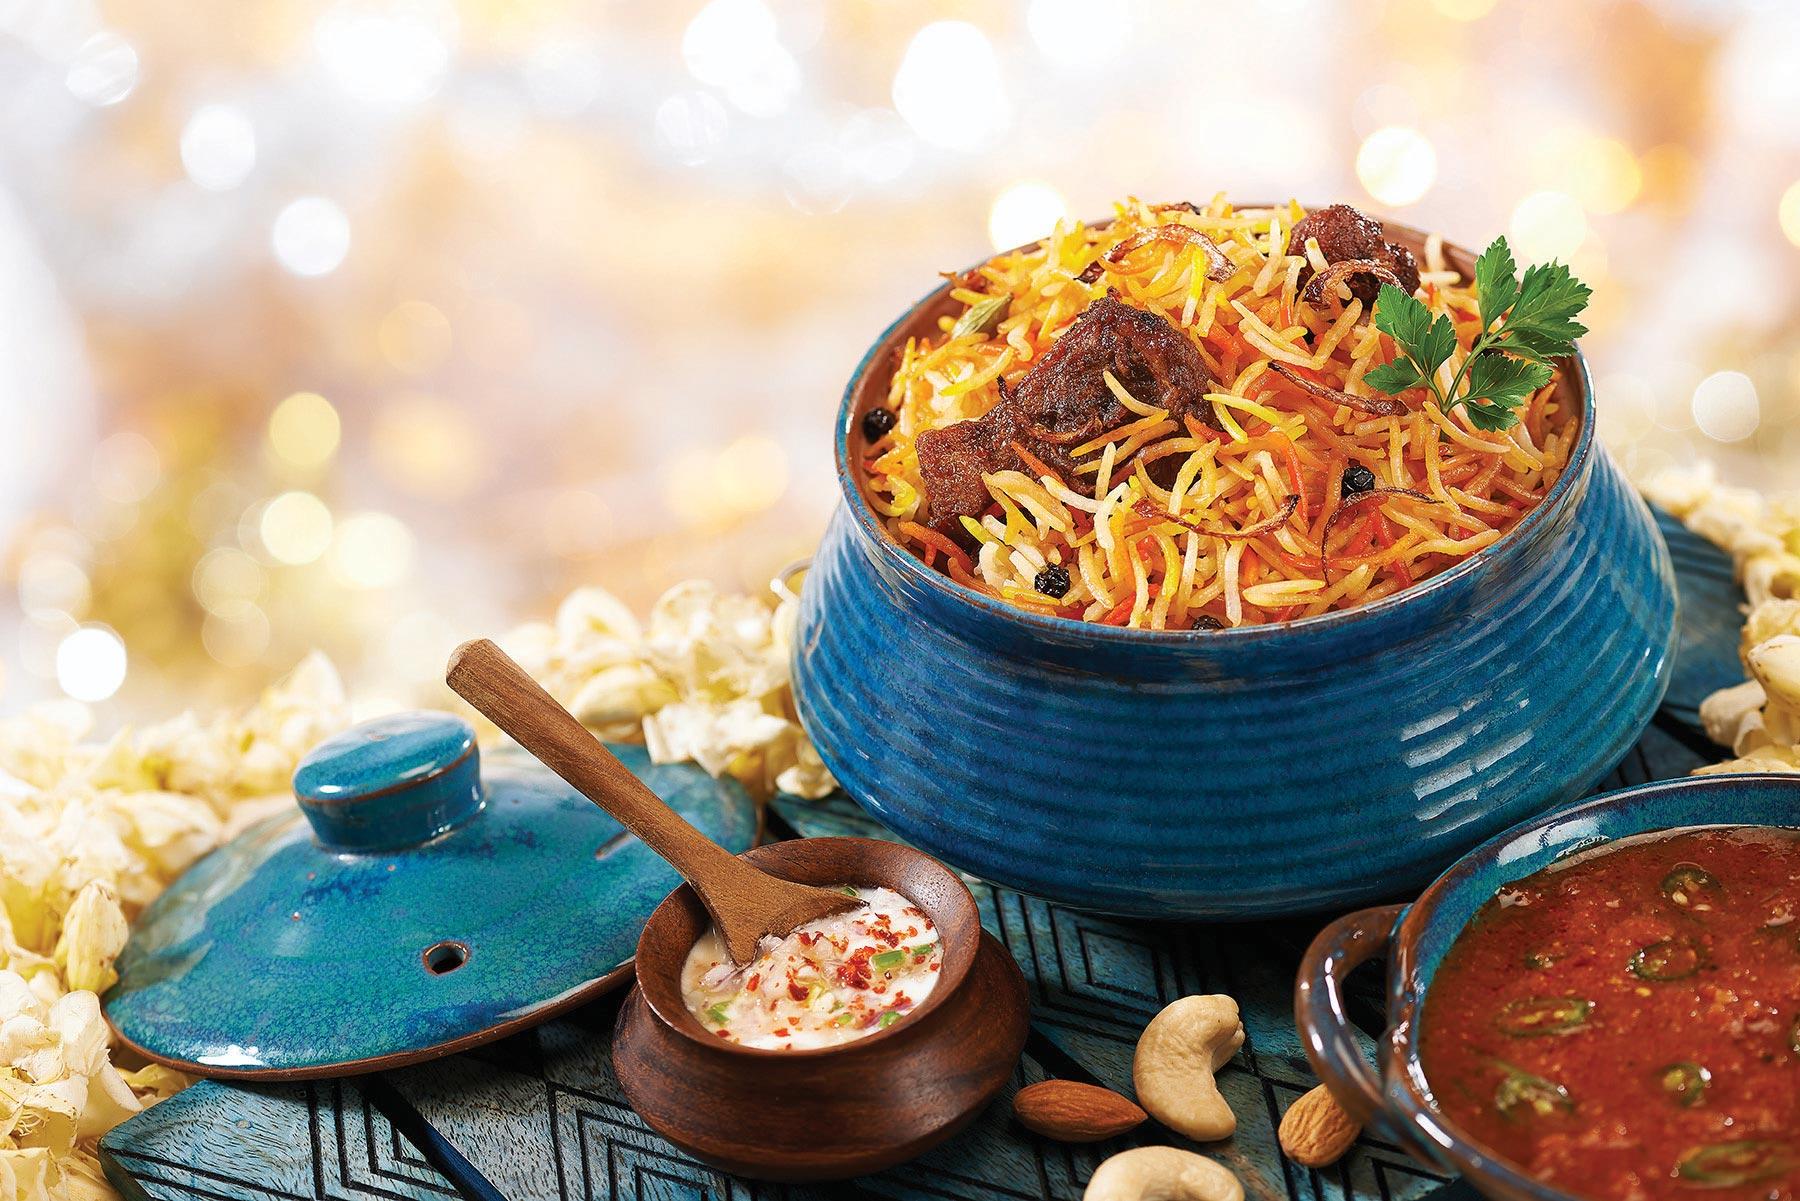 Top Restaurants In Hyderabad For Dinner